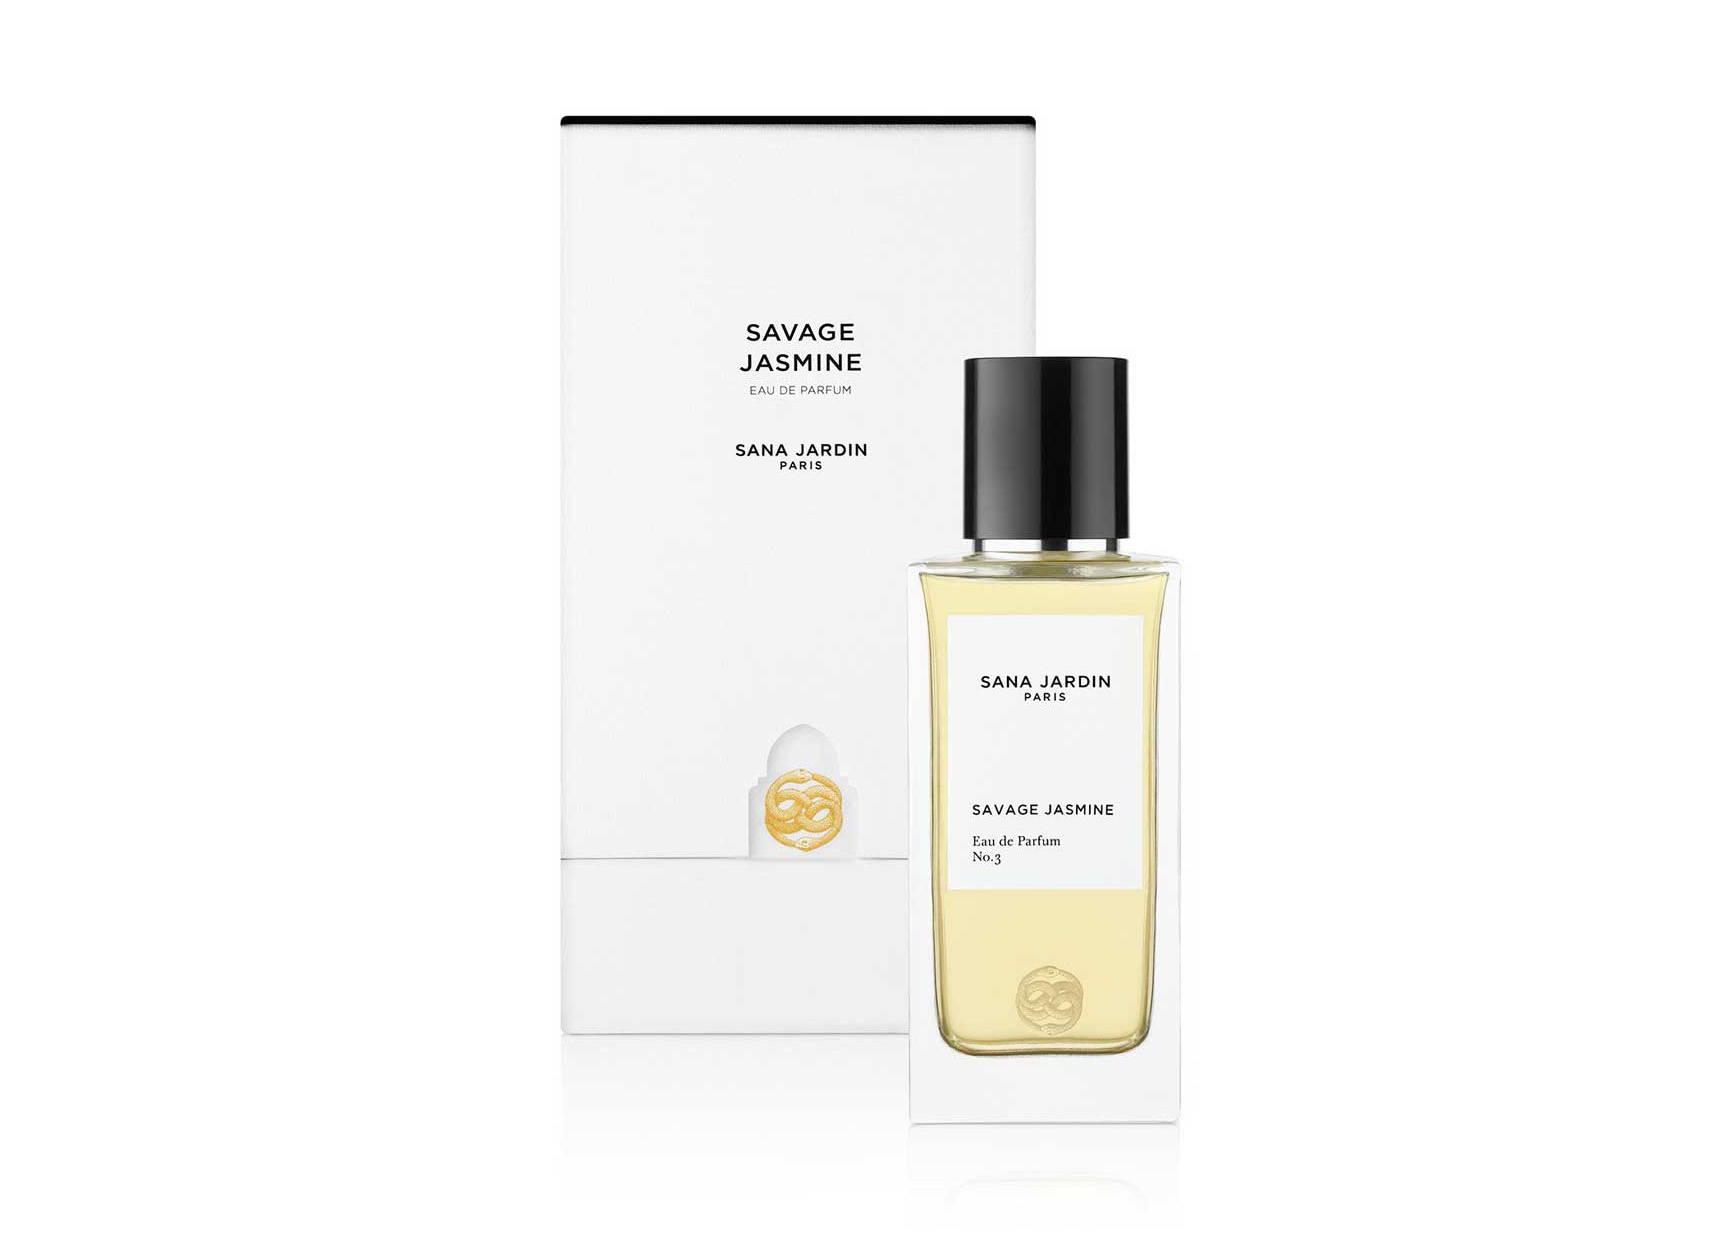 Sana Jardin perfume fragrance Savage Jasmine